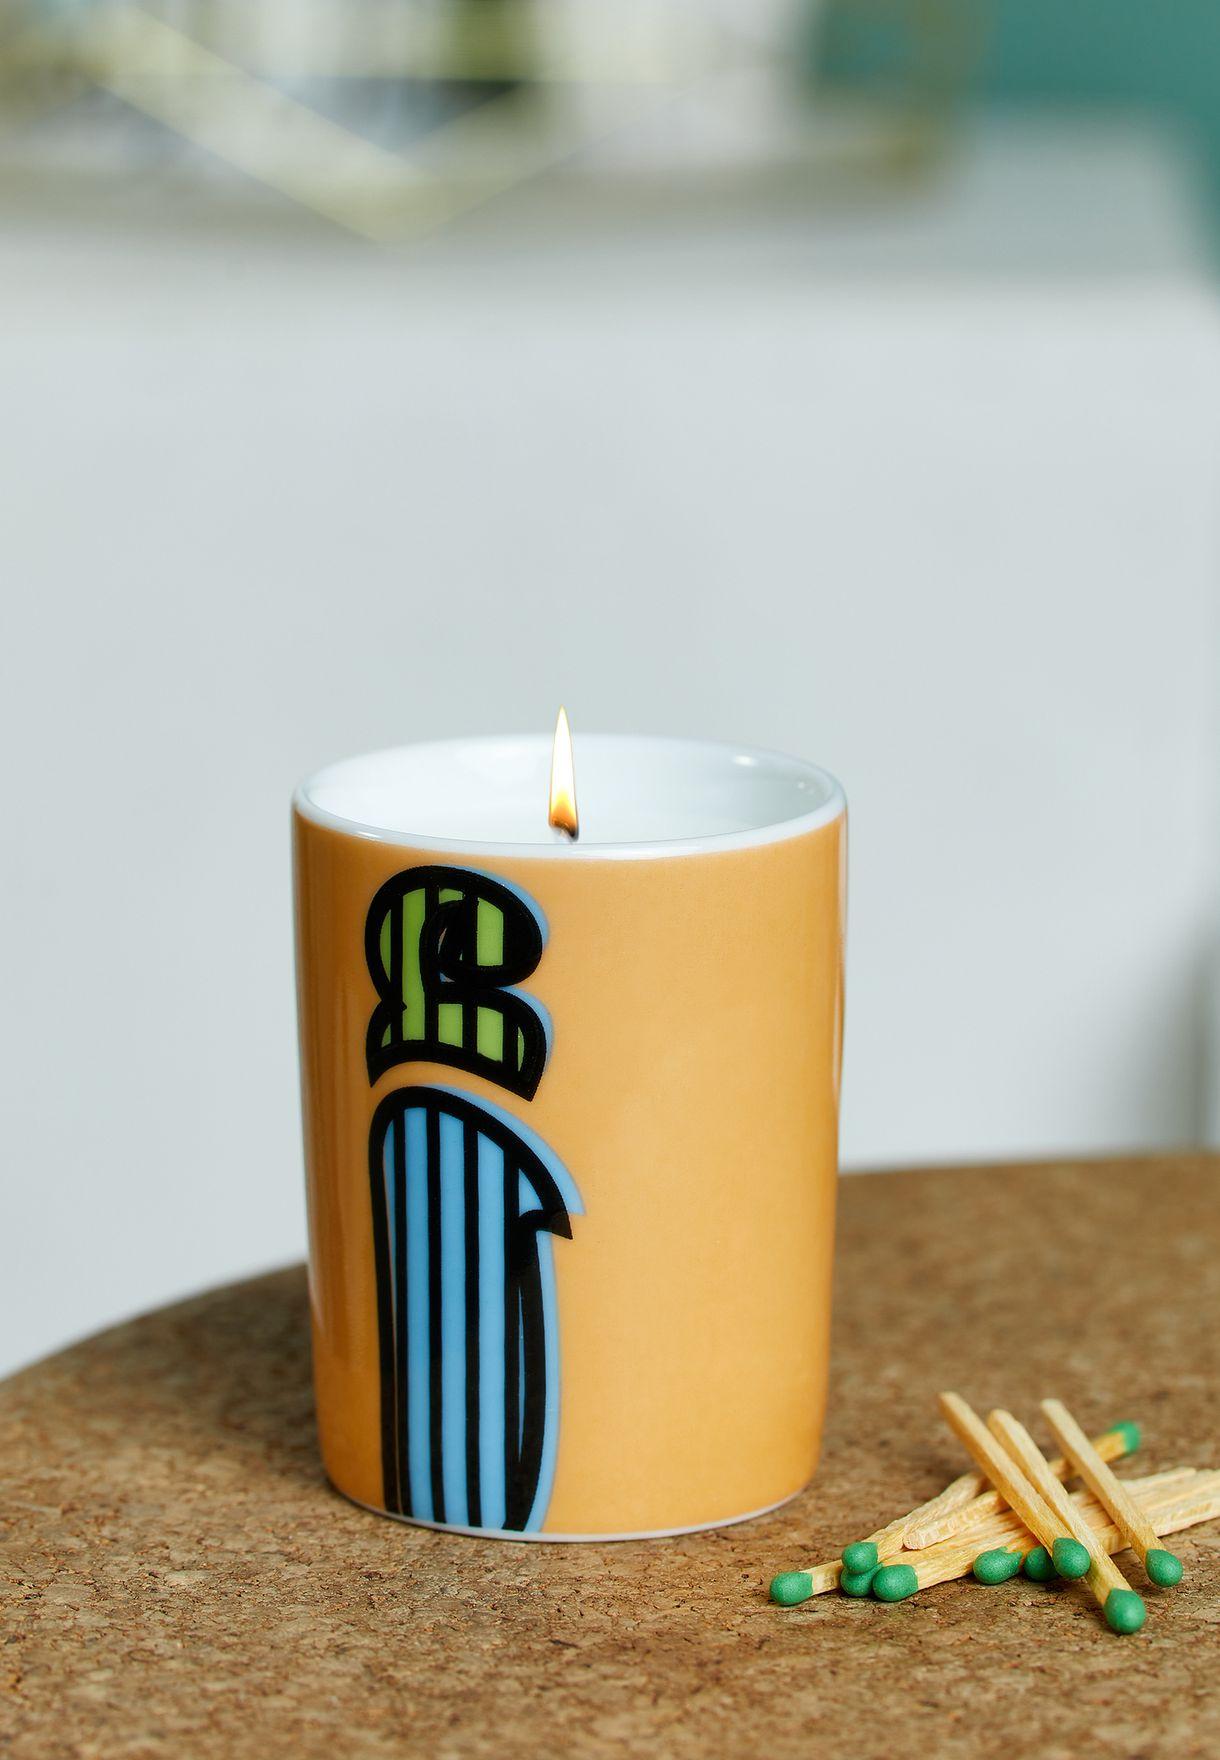 شمعة عطرية مزين بحرف (أ) - 60 جم